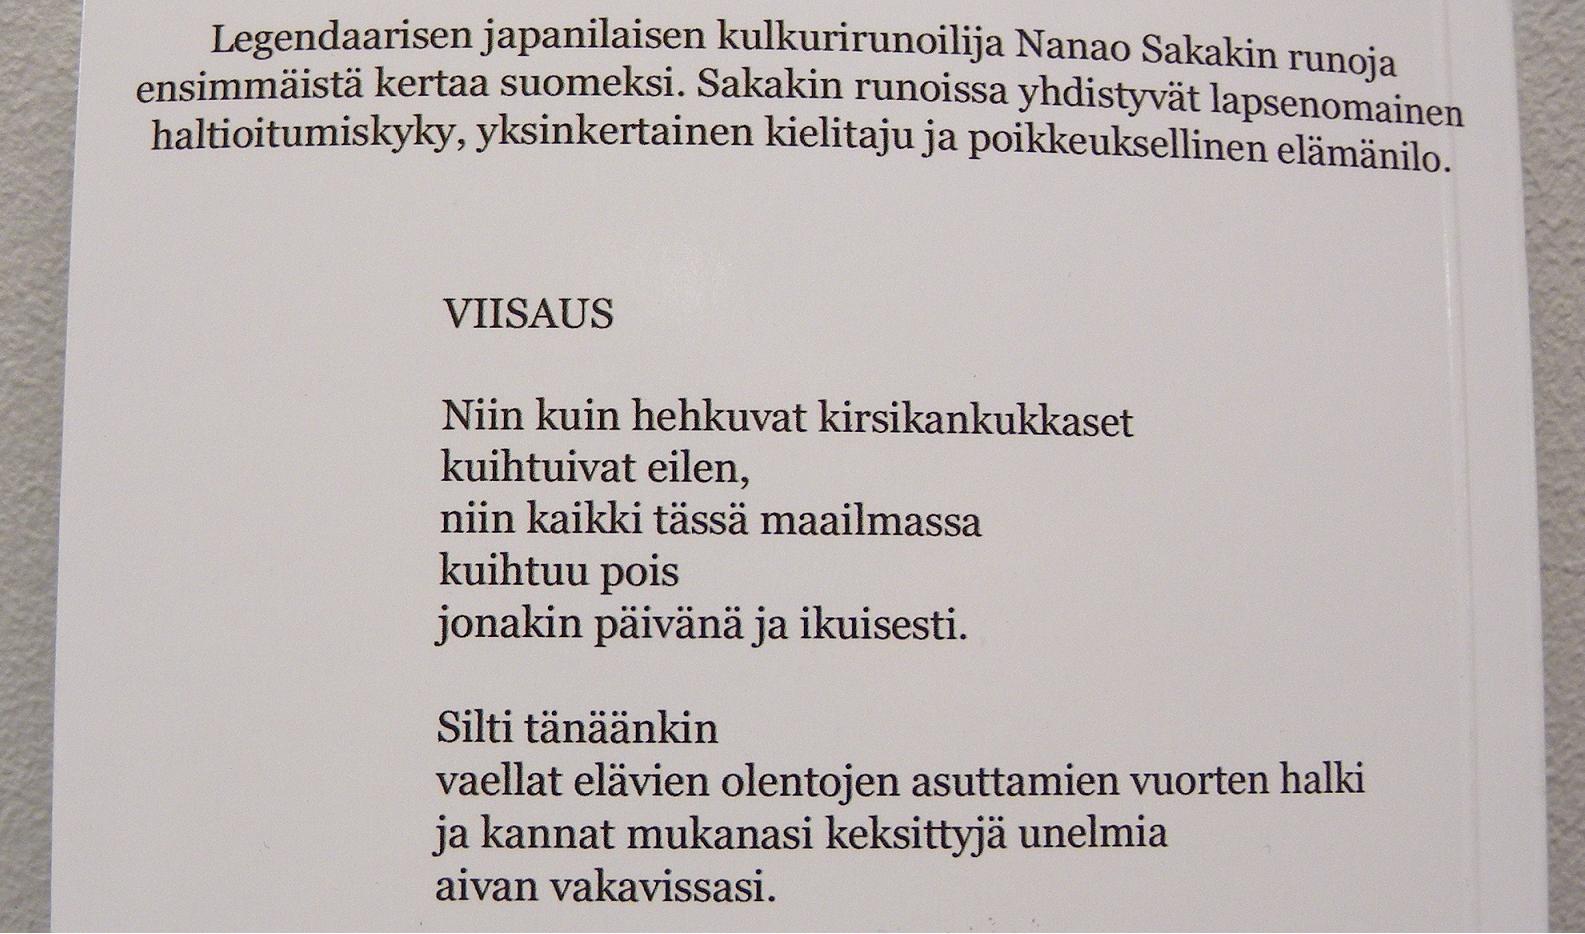 nalle puh runo ystävyydestä Uusikaupunki